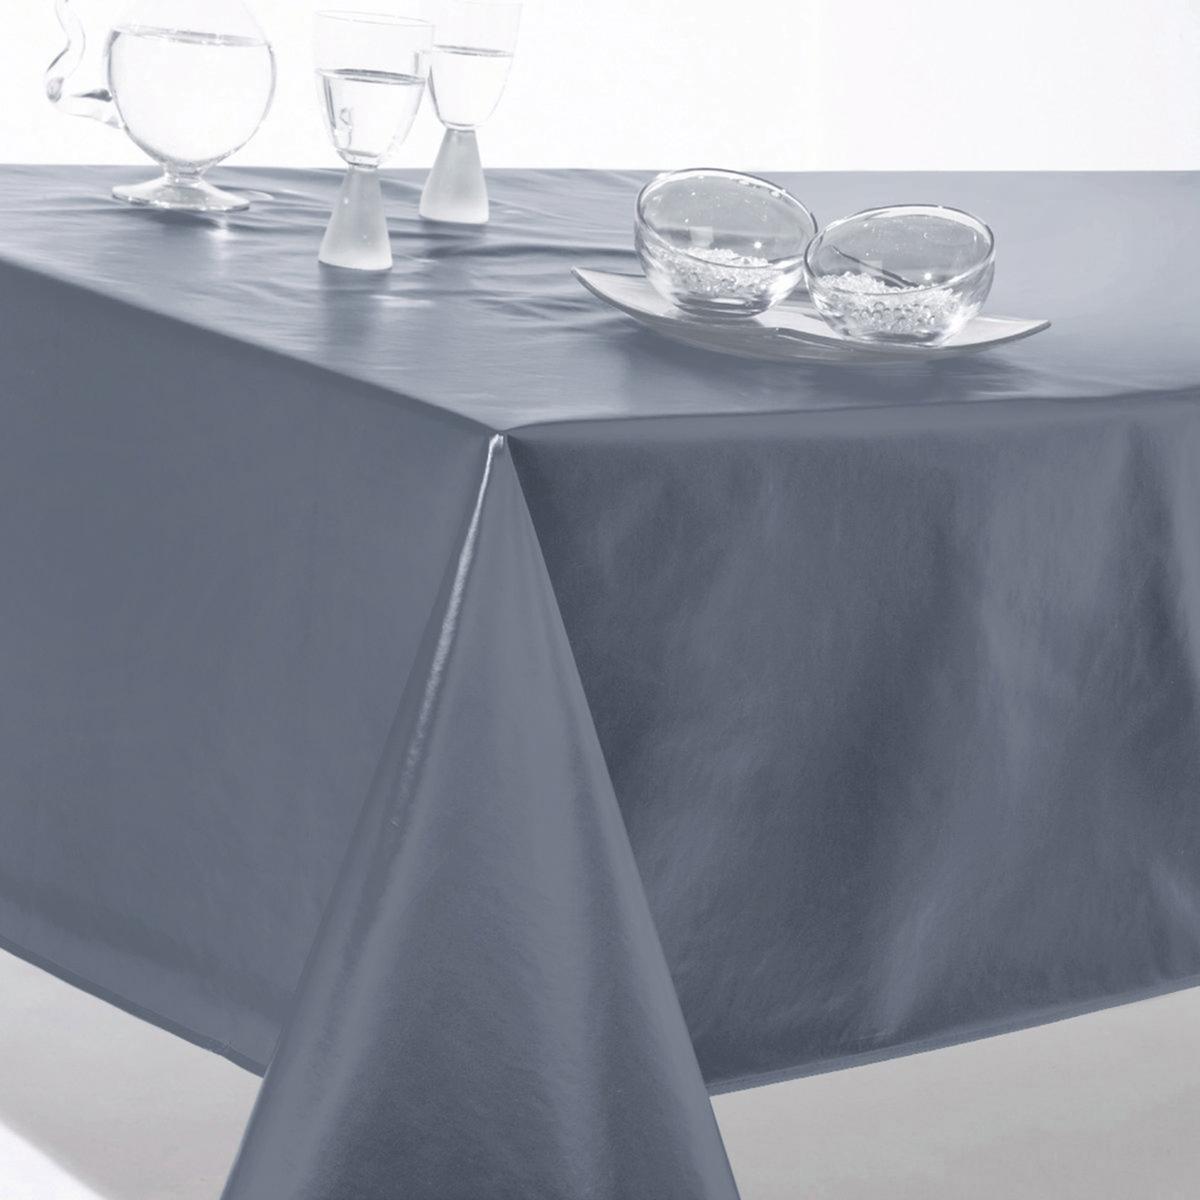 Скатерть однотонная из ПВХХарактеристики однотонной скатерти из ПВХ:  Клеенка 90% ПВХ, 10% полиэстера.  Отделка бейкой.Откройте для себя подходящий комплект текстиля для столовой Scenario на сайте laredoute.ru<br><br>Цвет: красный,светло-серый,серый